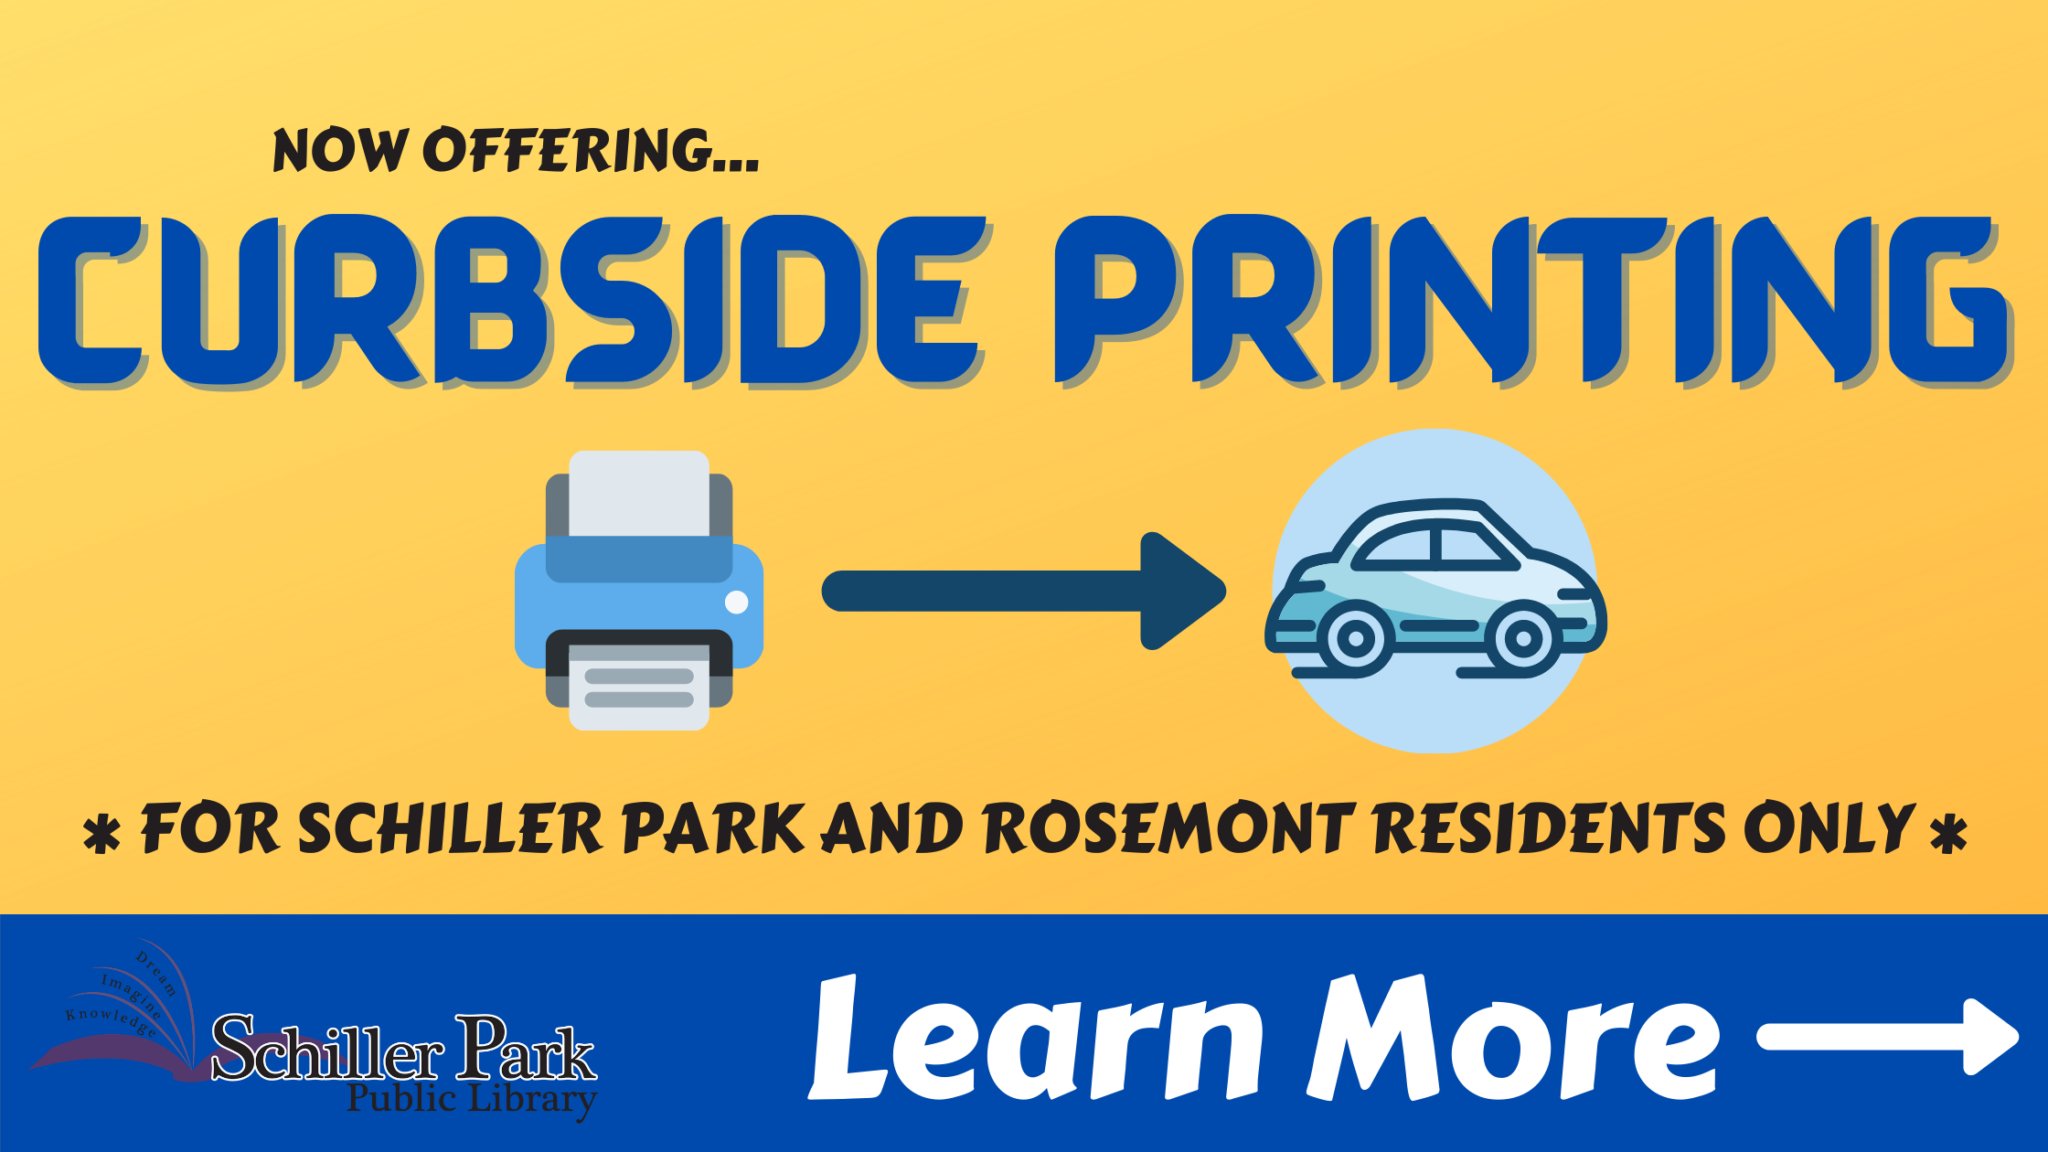 Curbside-Printing